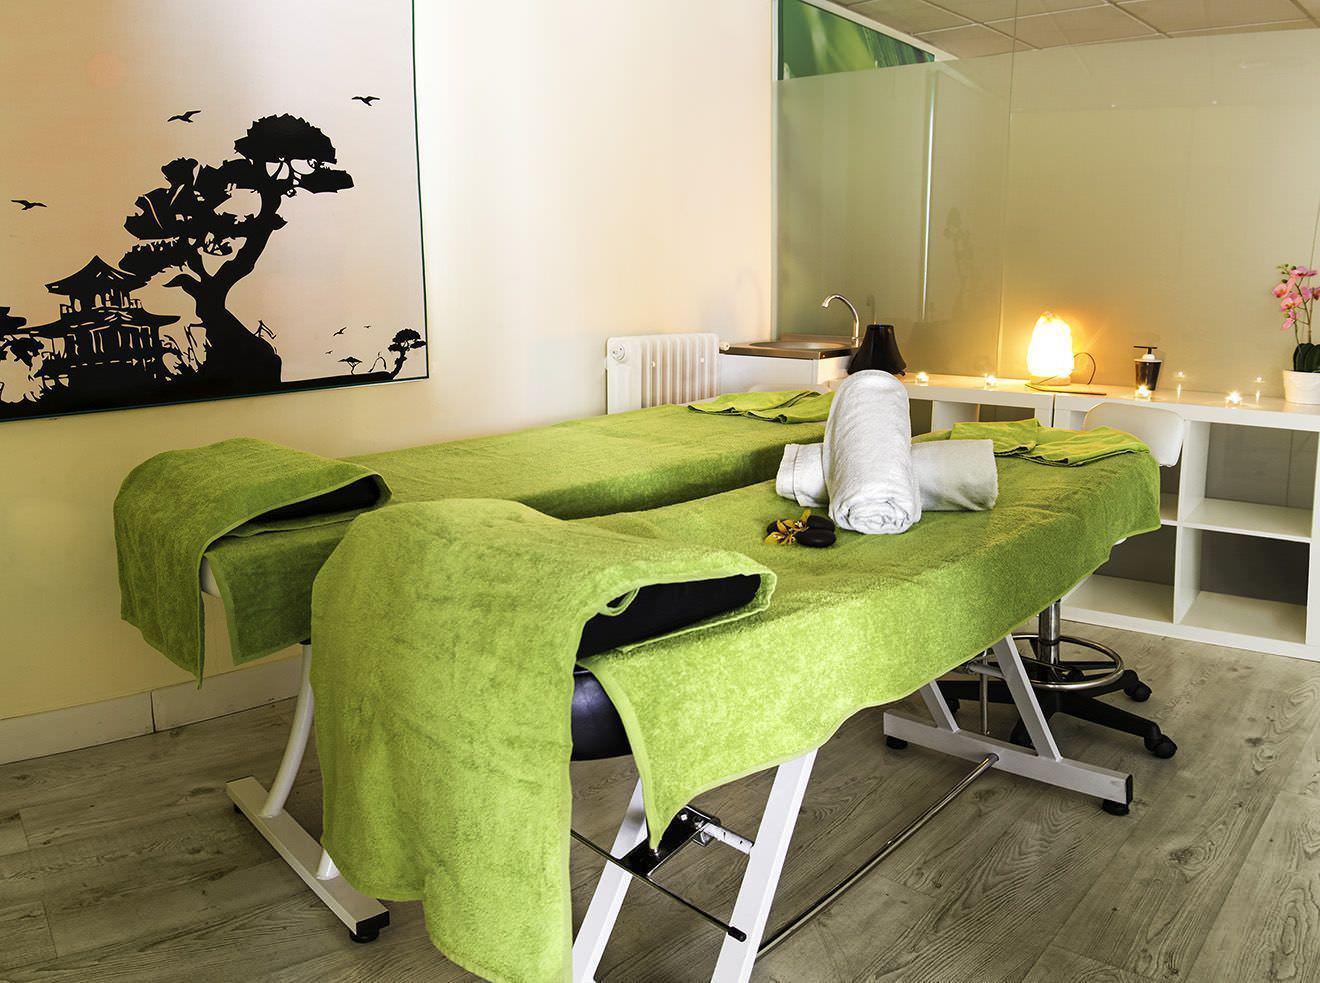 Servicio sala de masaje pequeña